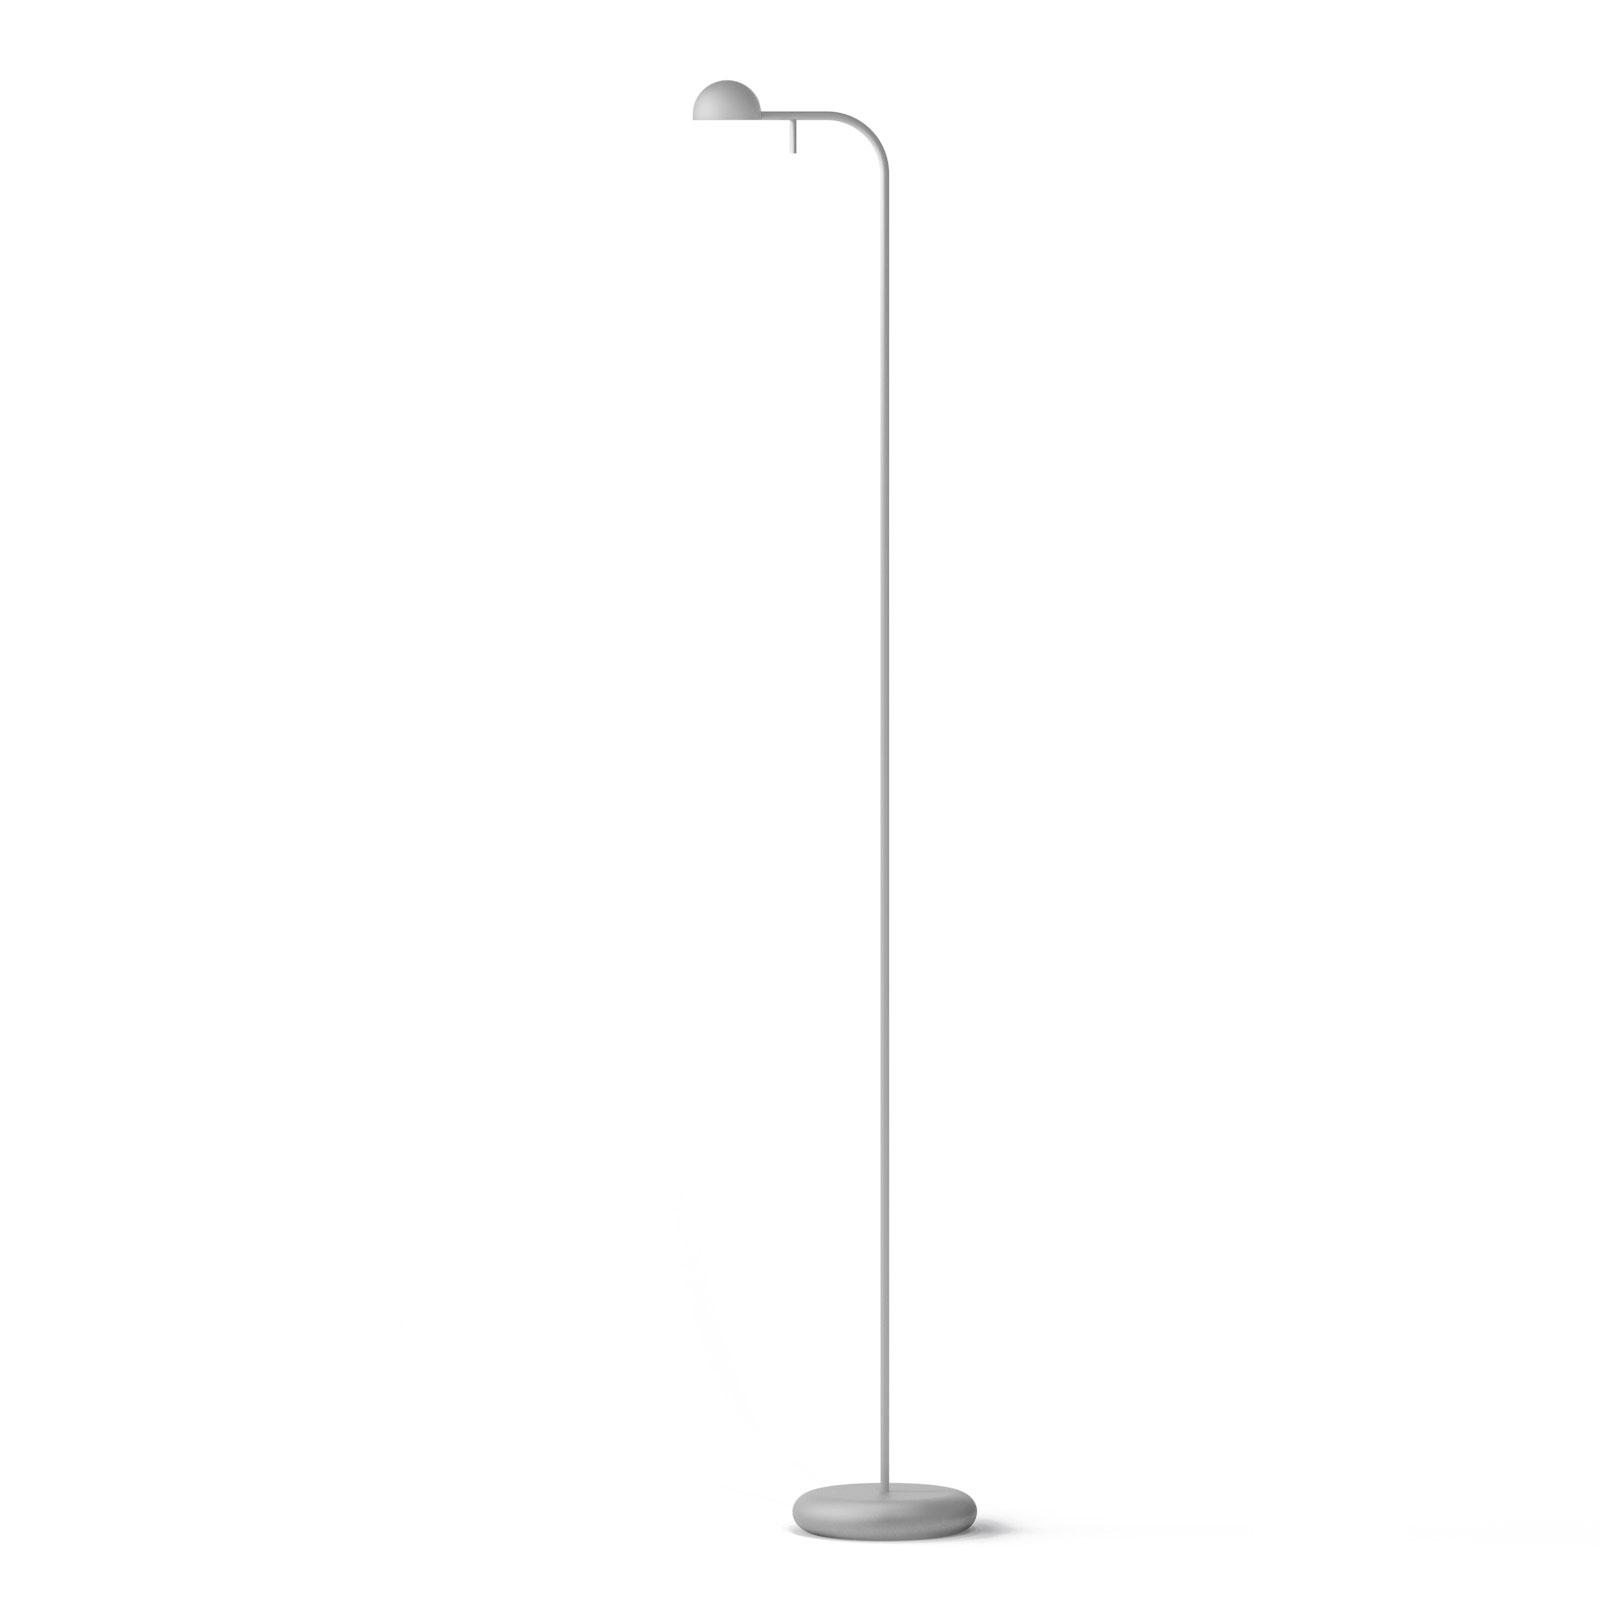 Vibia Pin 1660 LED-lattiavalaisin 125cm, valkoinen